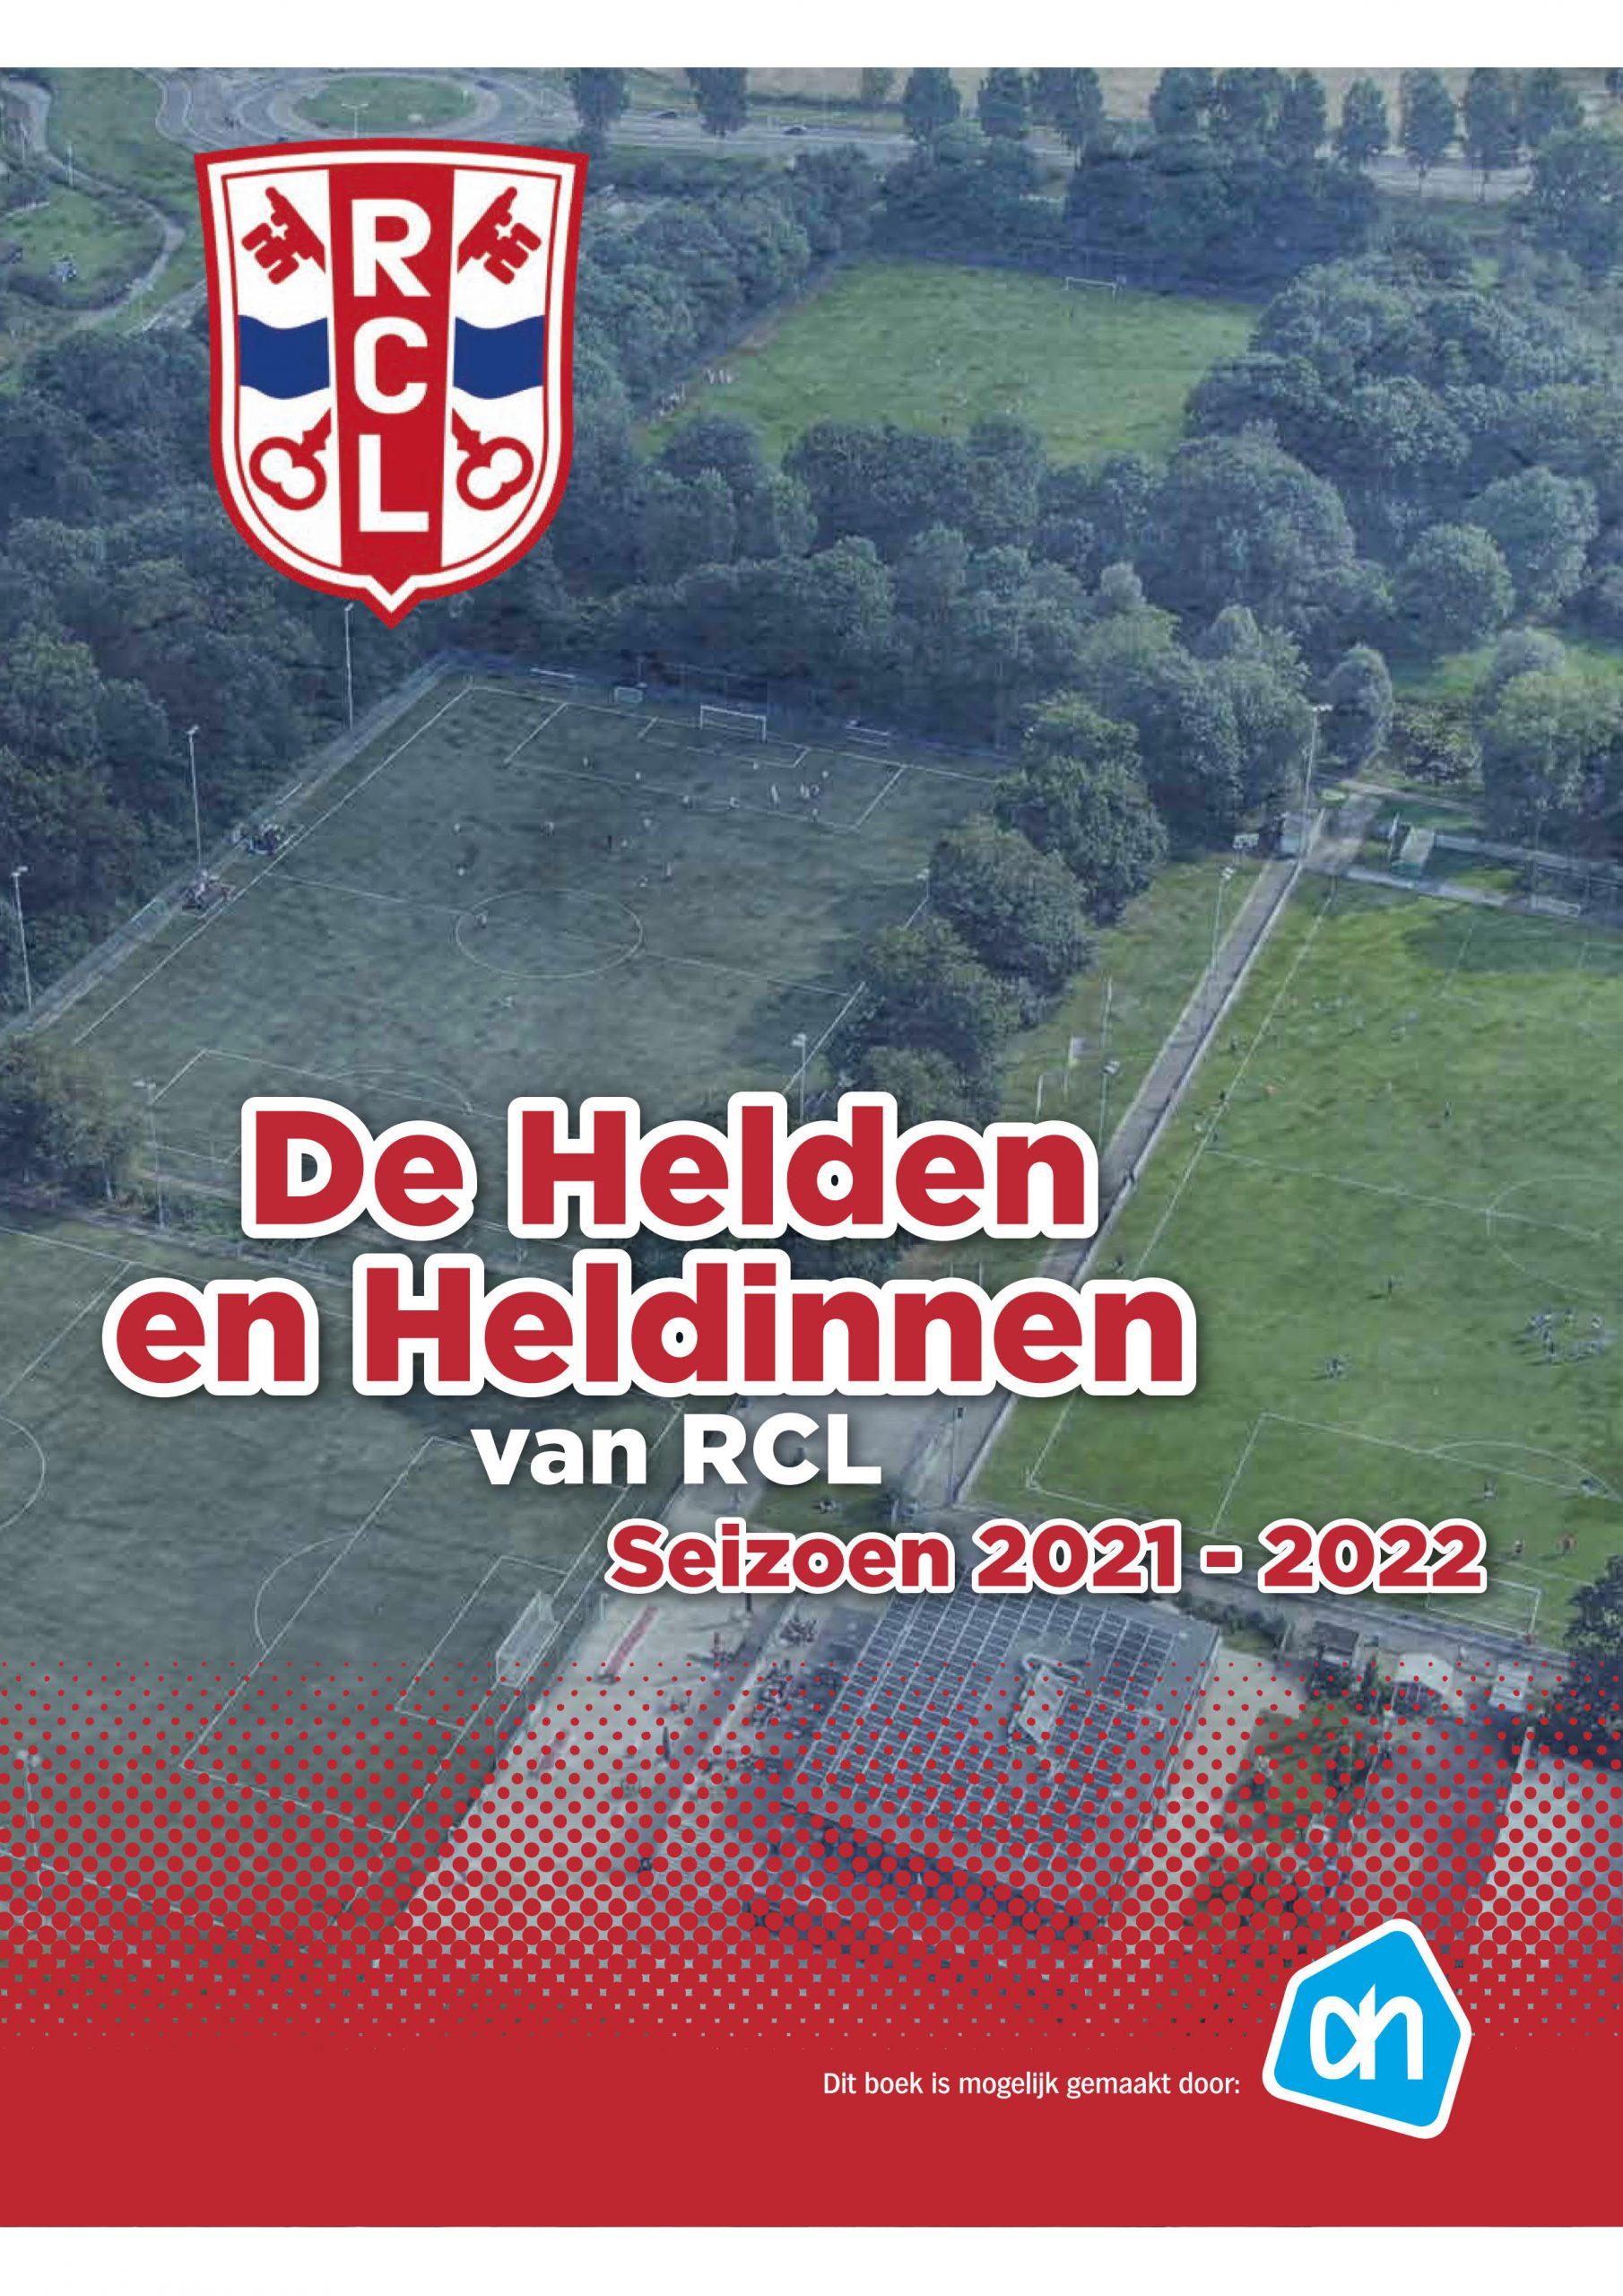 De Helden en Heldinnen van RCL - Albert Heijn voetbal album